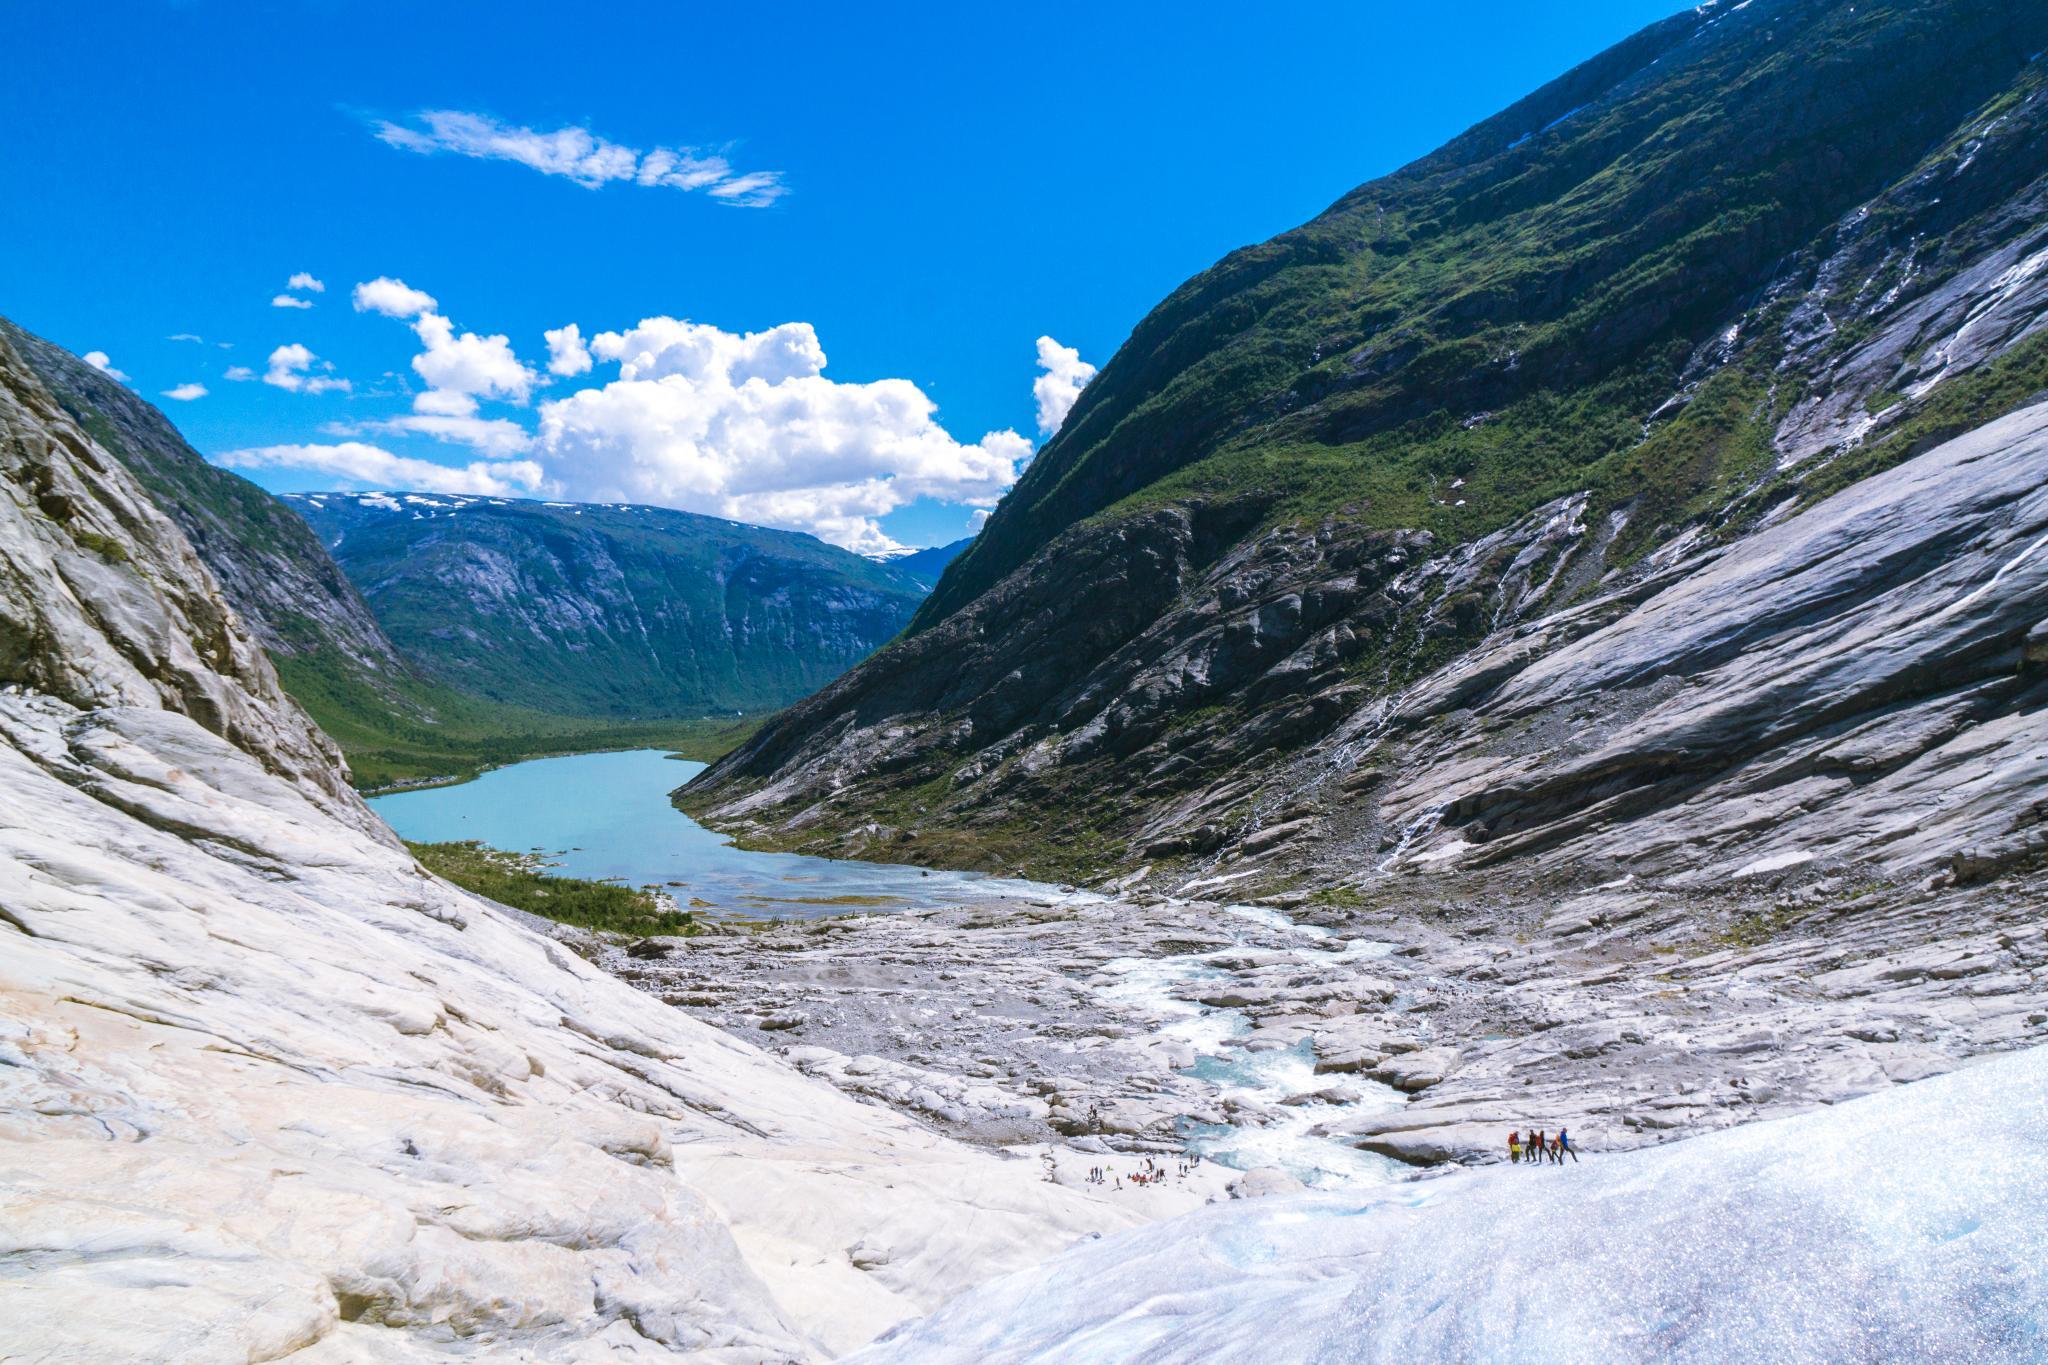 【北歐景點】冒險挪威!峽灣區最刺激的冰河健行 - Nigardsbreen Long Blue Ice Hike 40